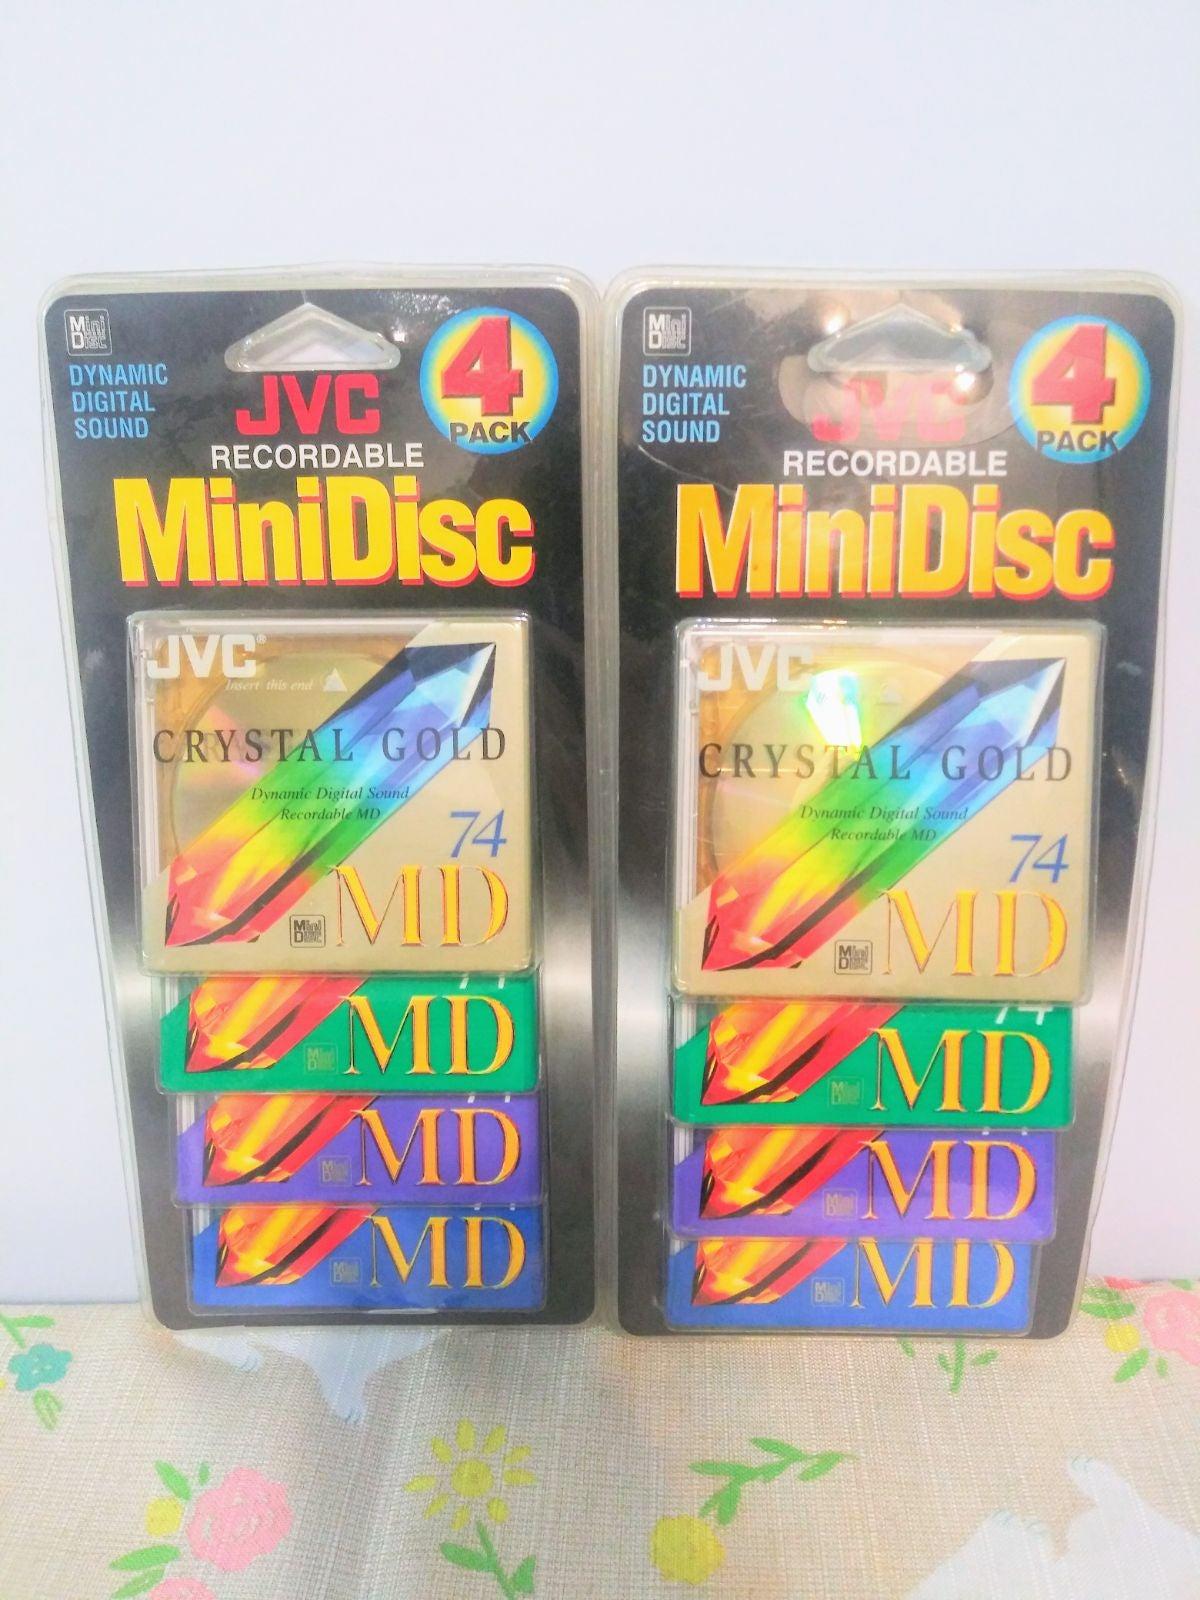 JVC Recordable Mini Disc Lot